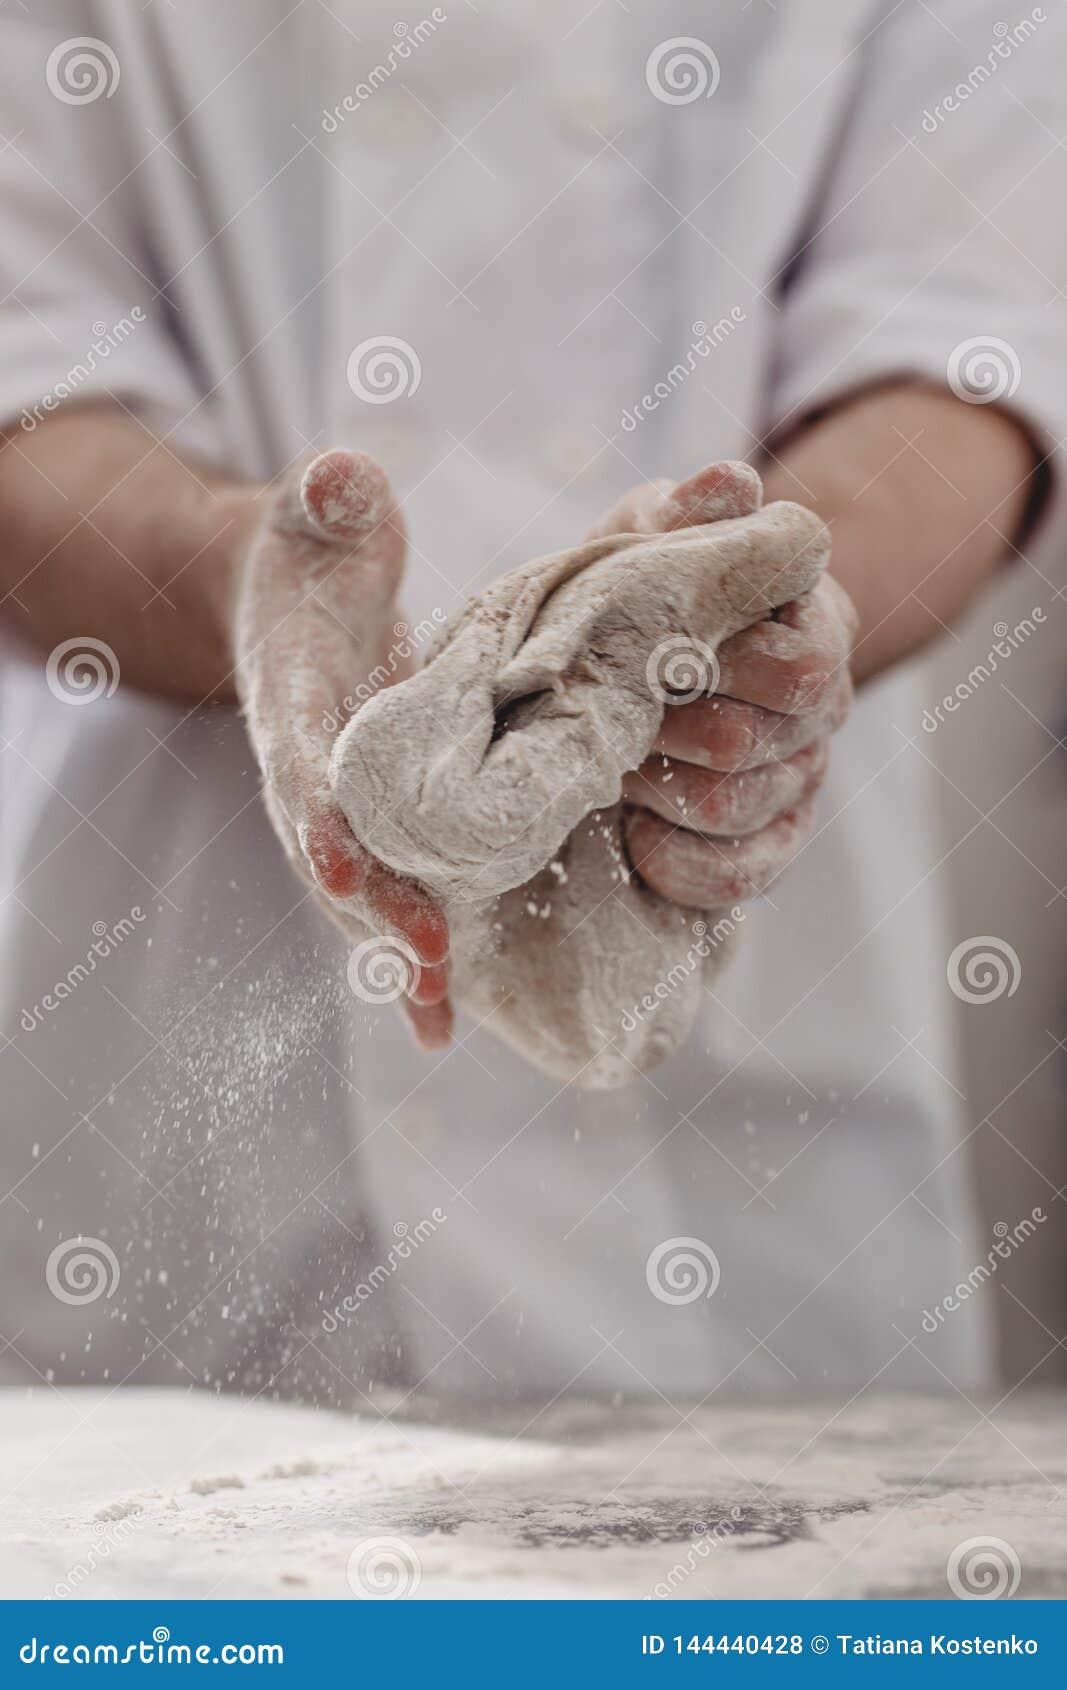 Ο επαγγελματικός αρτοποιός ζυμώνει τη ζύμη σε δικοί του παραδίδει την κουζίνα του αρτοποιείου